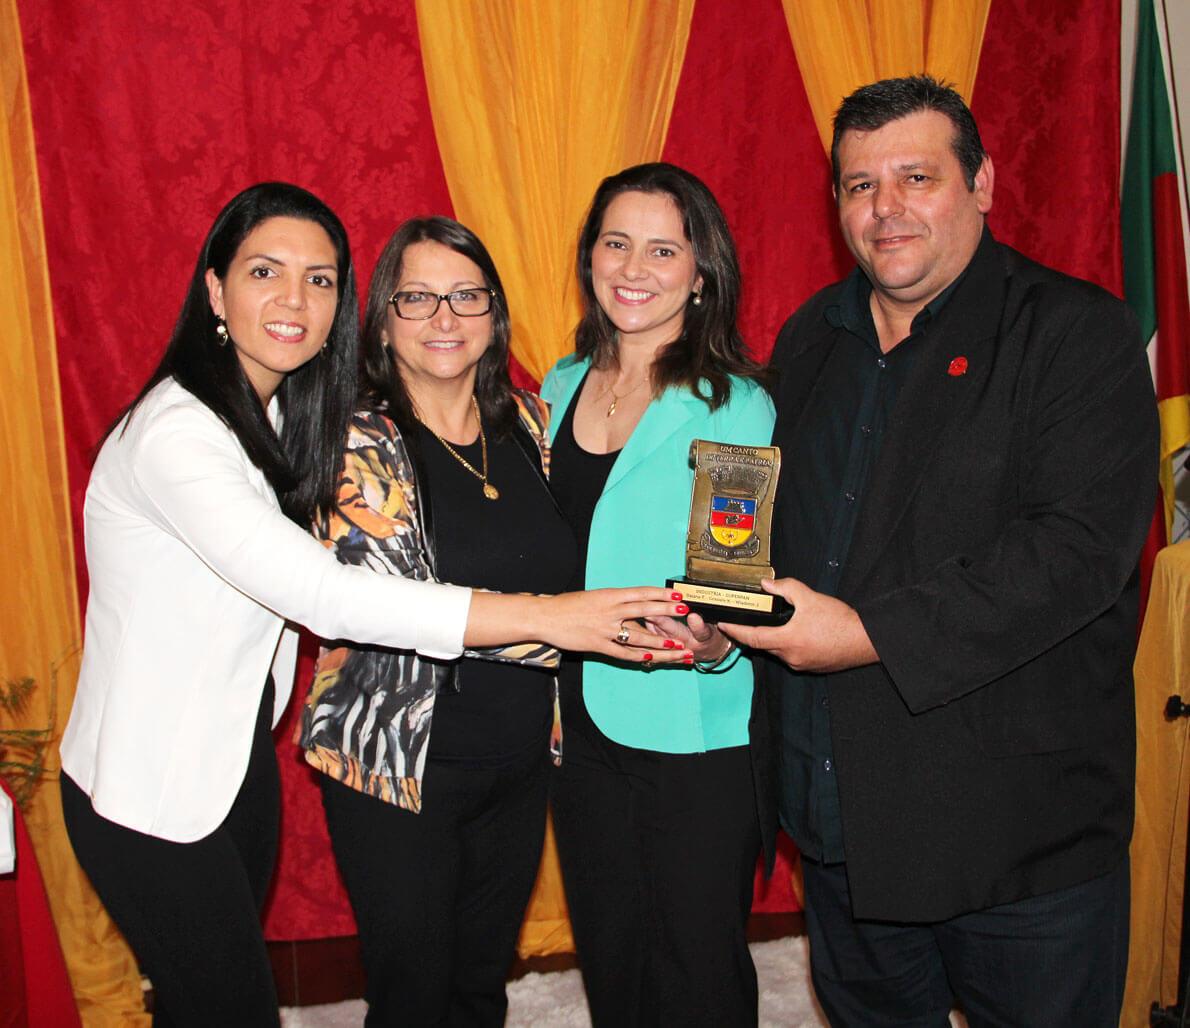 Troféu Brasão de Rio Pardo: colaboradores da Superpan foram agraciados com o reconhecimento. 2